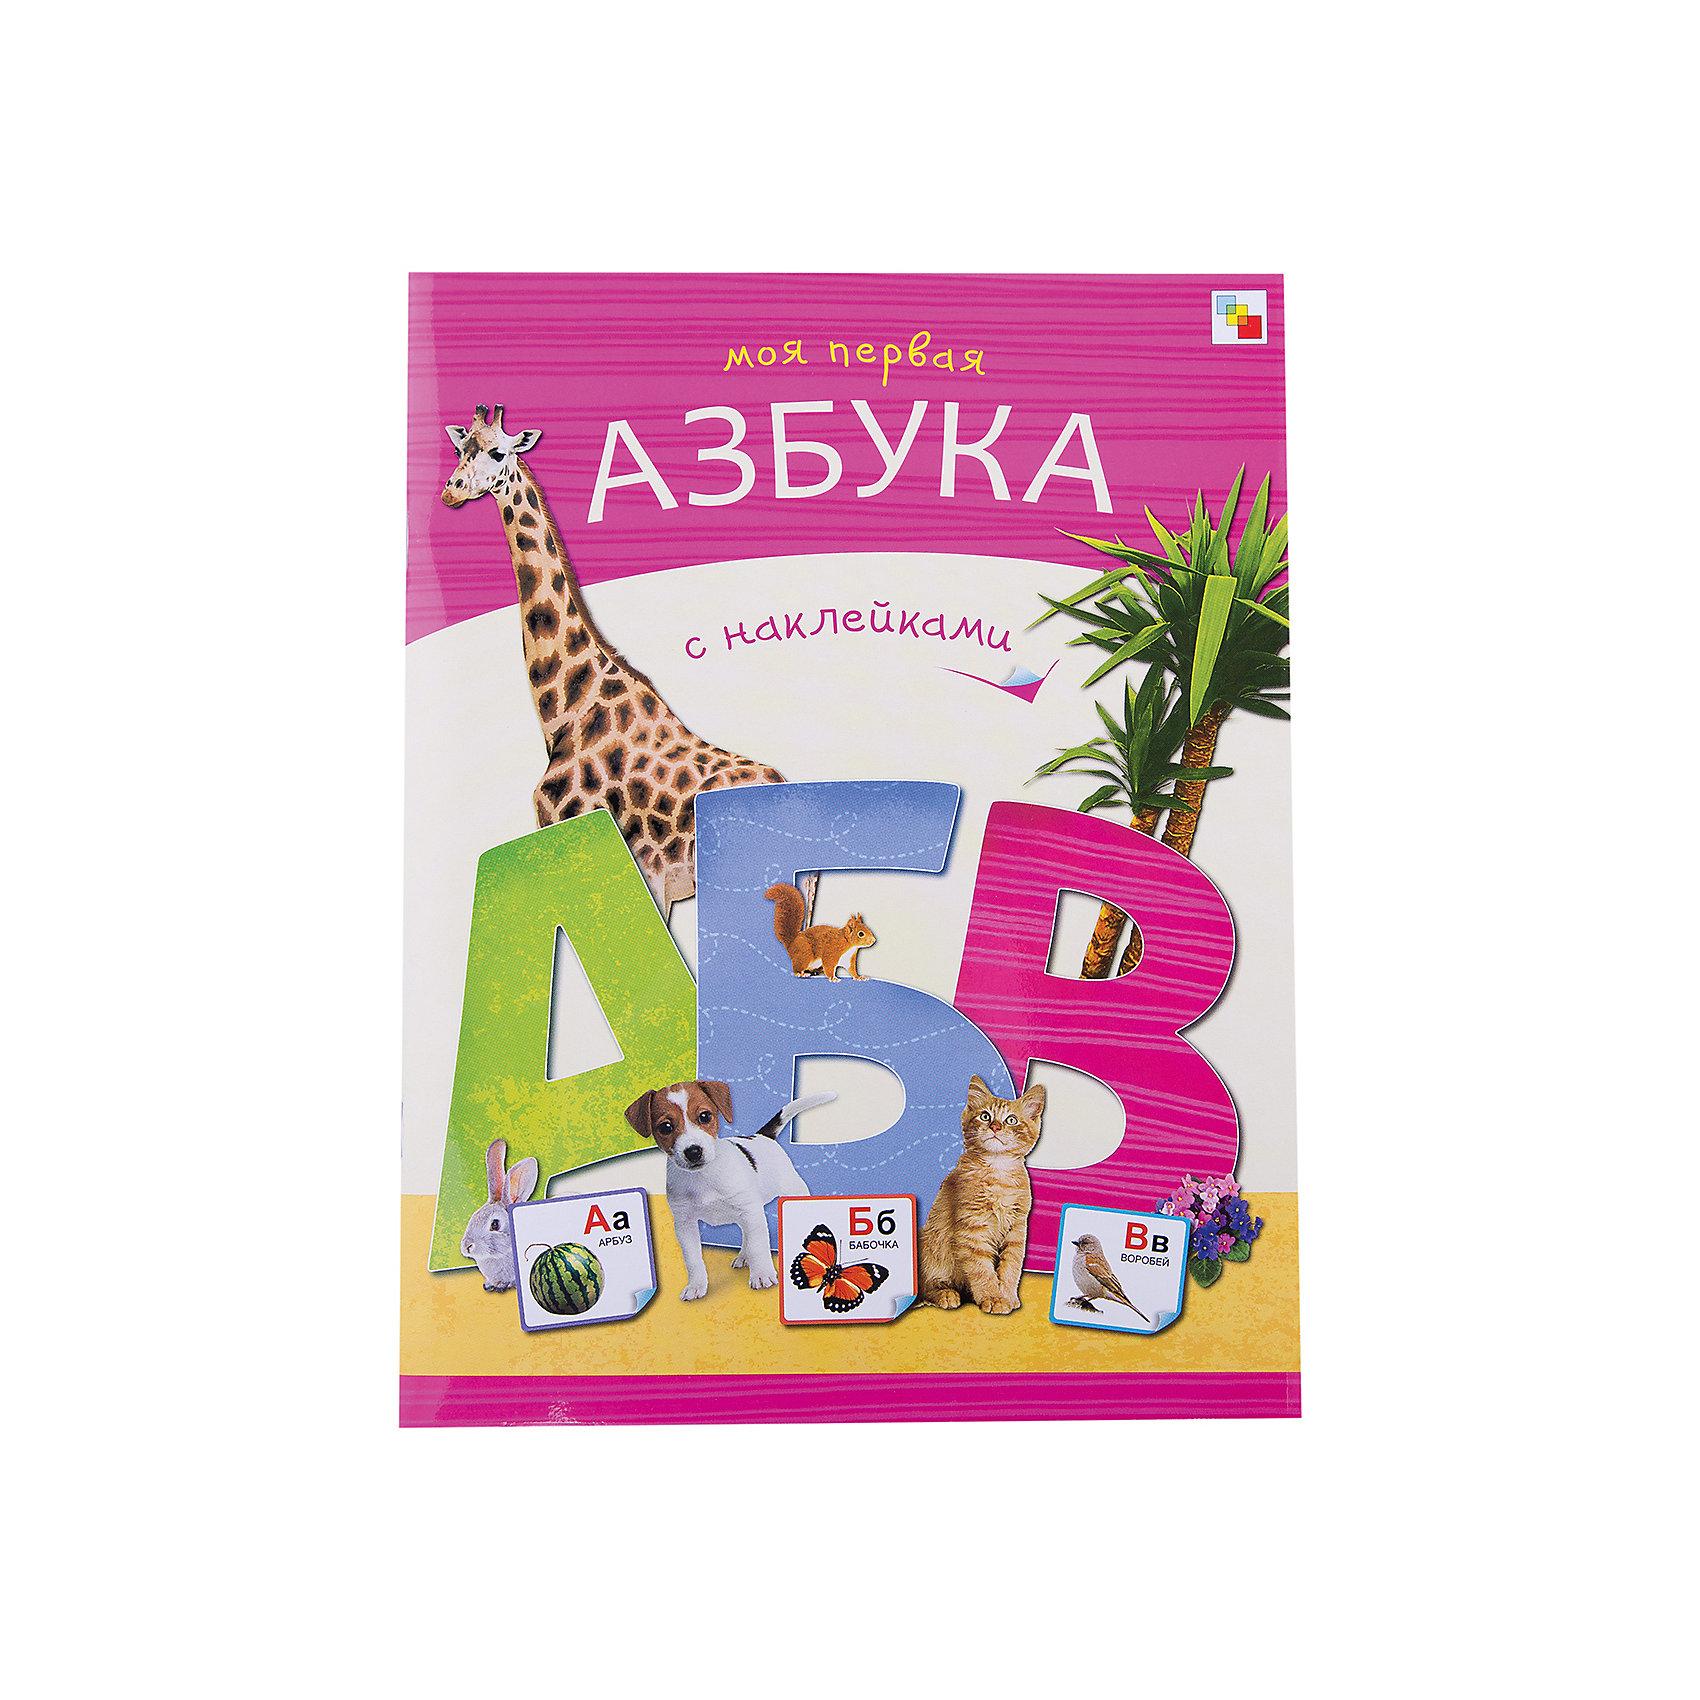 Моя первая азбука с наклейкамиХарактеристики книги Моя первая азбука с наклейками:<br><br>• возраст: от 4 лет<br>• пол: для мальчиков и девочек<br>• материал: бумага<br>• количество страниц: 38.<br>• размер книжки: 21.6х28х0.3. см.<br>• тип обложки: мягкая.<br>• иллюстрации: цветные.<br>• редактор: Елена Краснушкина<br>• страна обладатель бренда: Россия.<br><br>Замечательная книга Моя первая Азбука с наклейками познакомит Вашего ребенка с буквами русского алфавита. На каждую букву отведена отдельная страница с красочными фотографиями и подписями к ним. При этом одной картинки не хватает, ребенку предстоит найти ее среди наклеек и приклеить на нужное место. Слова подобраны специально для детей, которые только учатся читать и сопоставлять звуки и буквы. Яркие фотографии помогут быстро запомнить буквы, а пунктирные контуры - освоить их написание.<br><br>Книгу Моя первая азбука с наклейками можно купить в нашем интернет-магазине.<br><br>Ширина мм: 3<br>Глубина мм: 215<br>Высота мм: 280<br>Вес г: 175<br>Возраст от месяцев: 48<br>Возраст до месяцев: 84<br>Пол: Унисекс<br>Возраст: Детский<br>SKU: 5362869